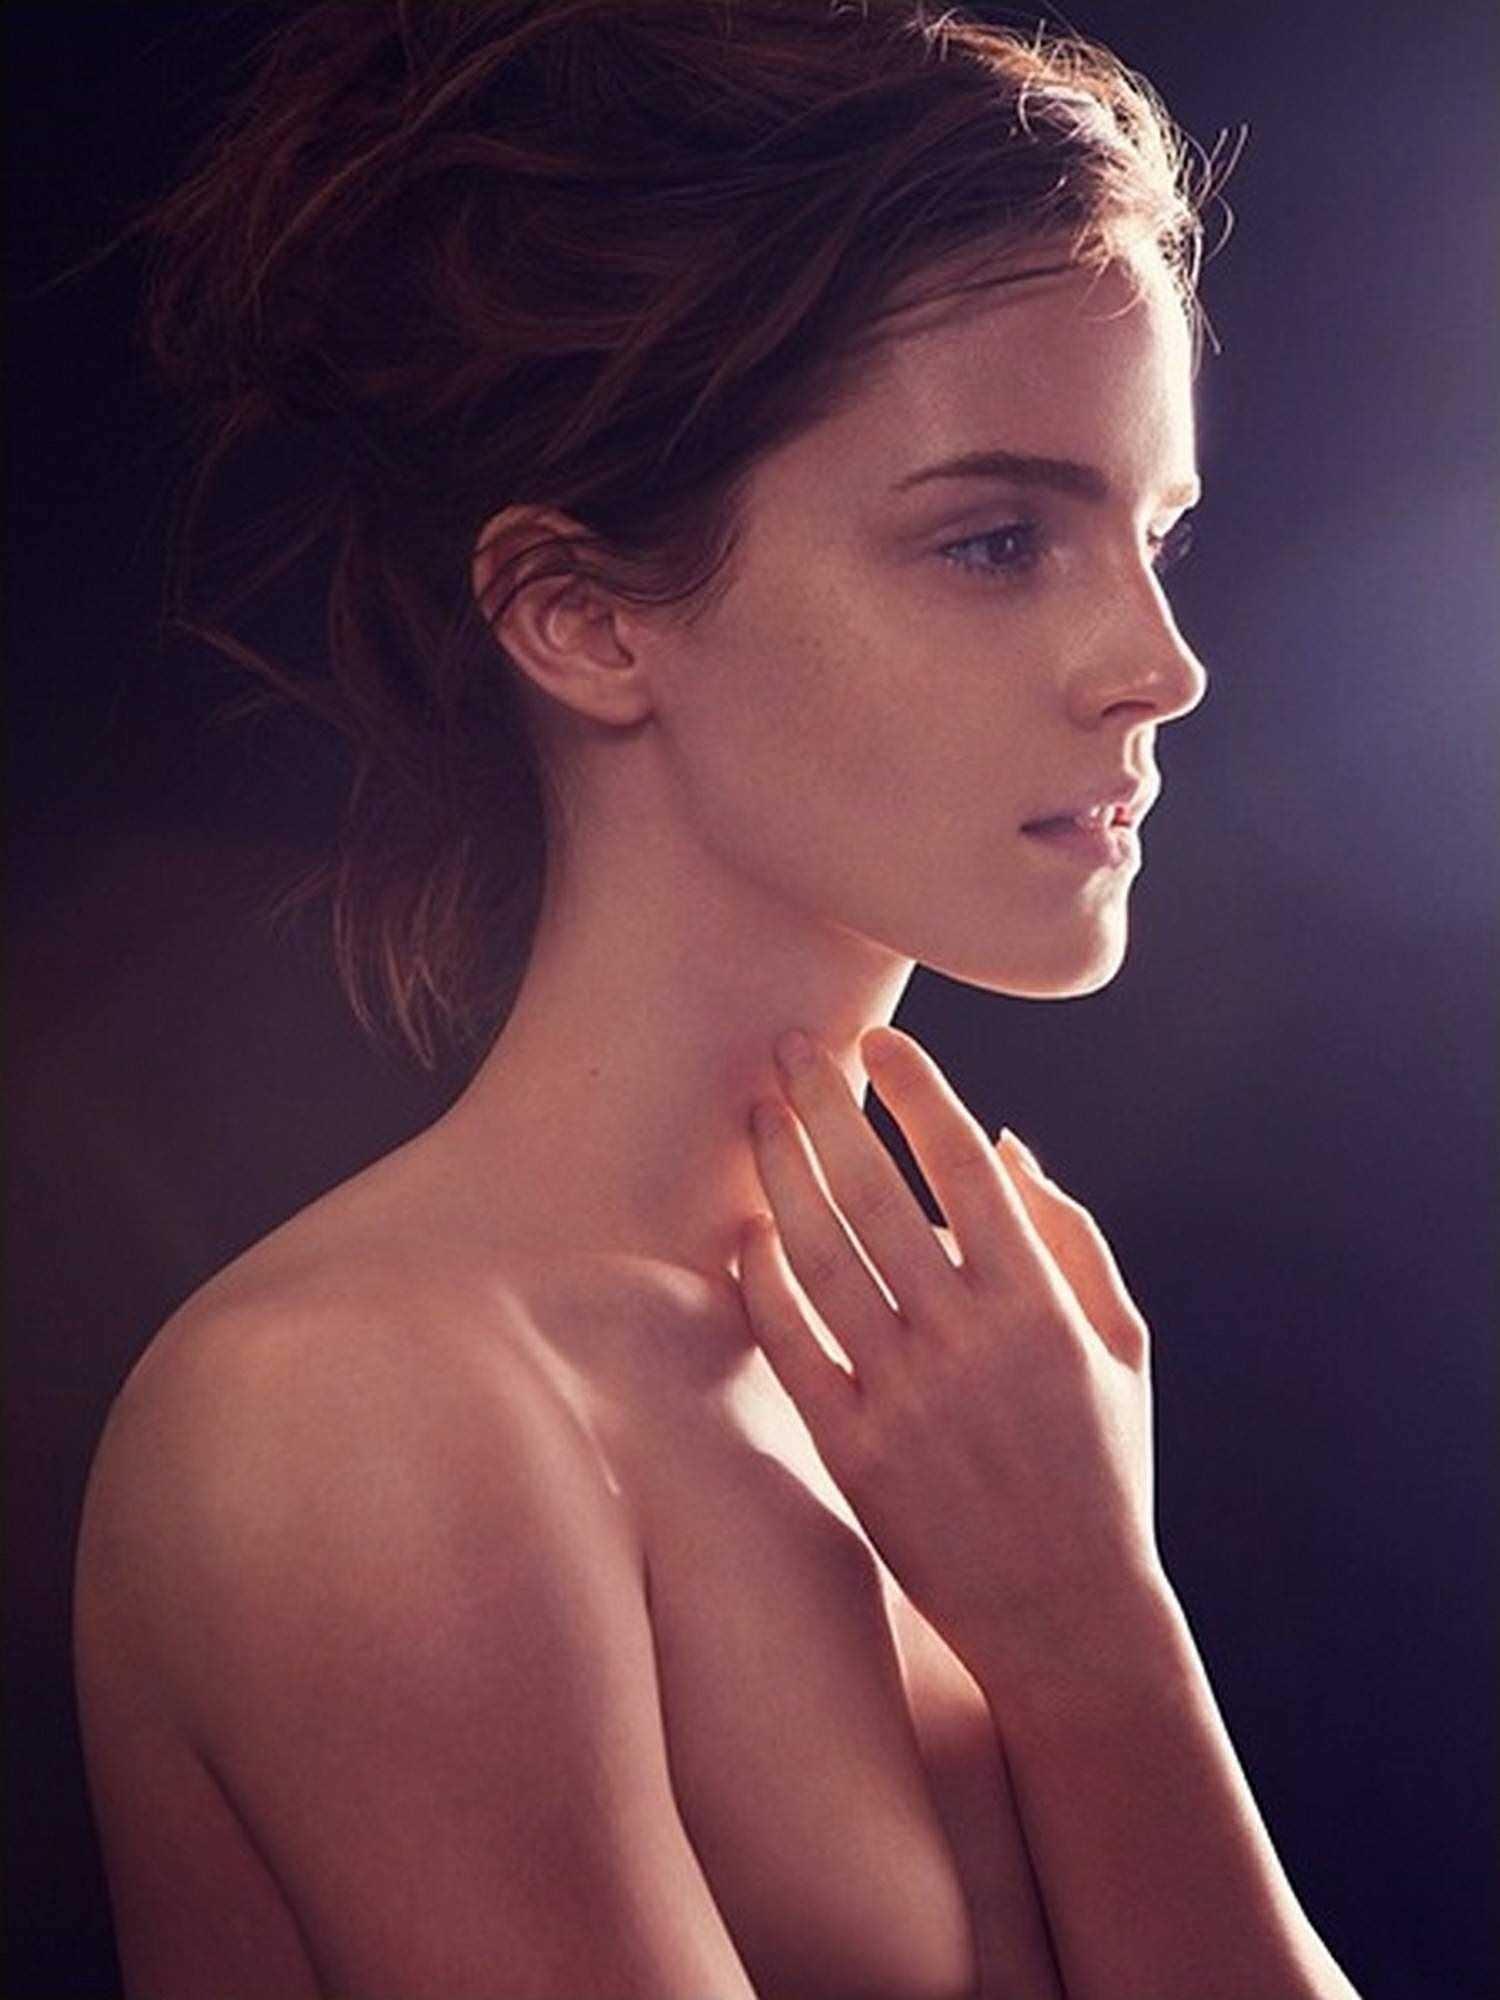 【外人】激カワセレブのエマ・ワトソン(Emma Watson)の胸チラぽろりなおっぱい流出ポルノ画像 752